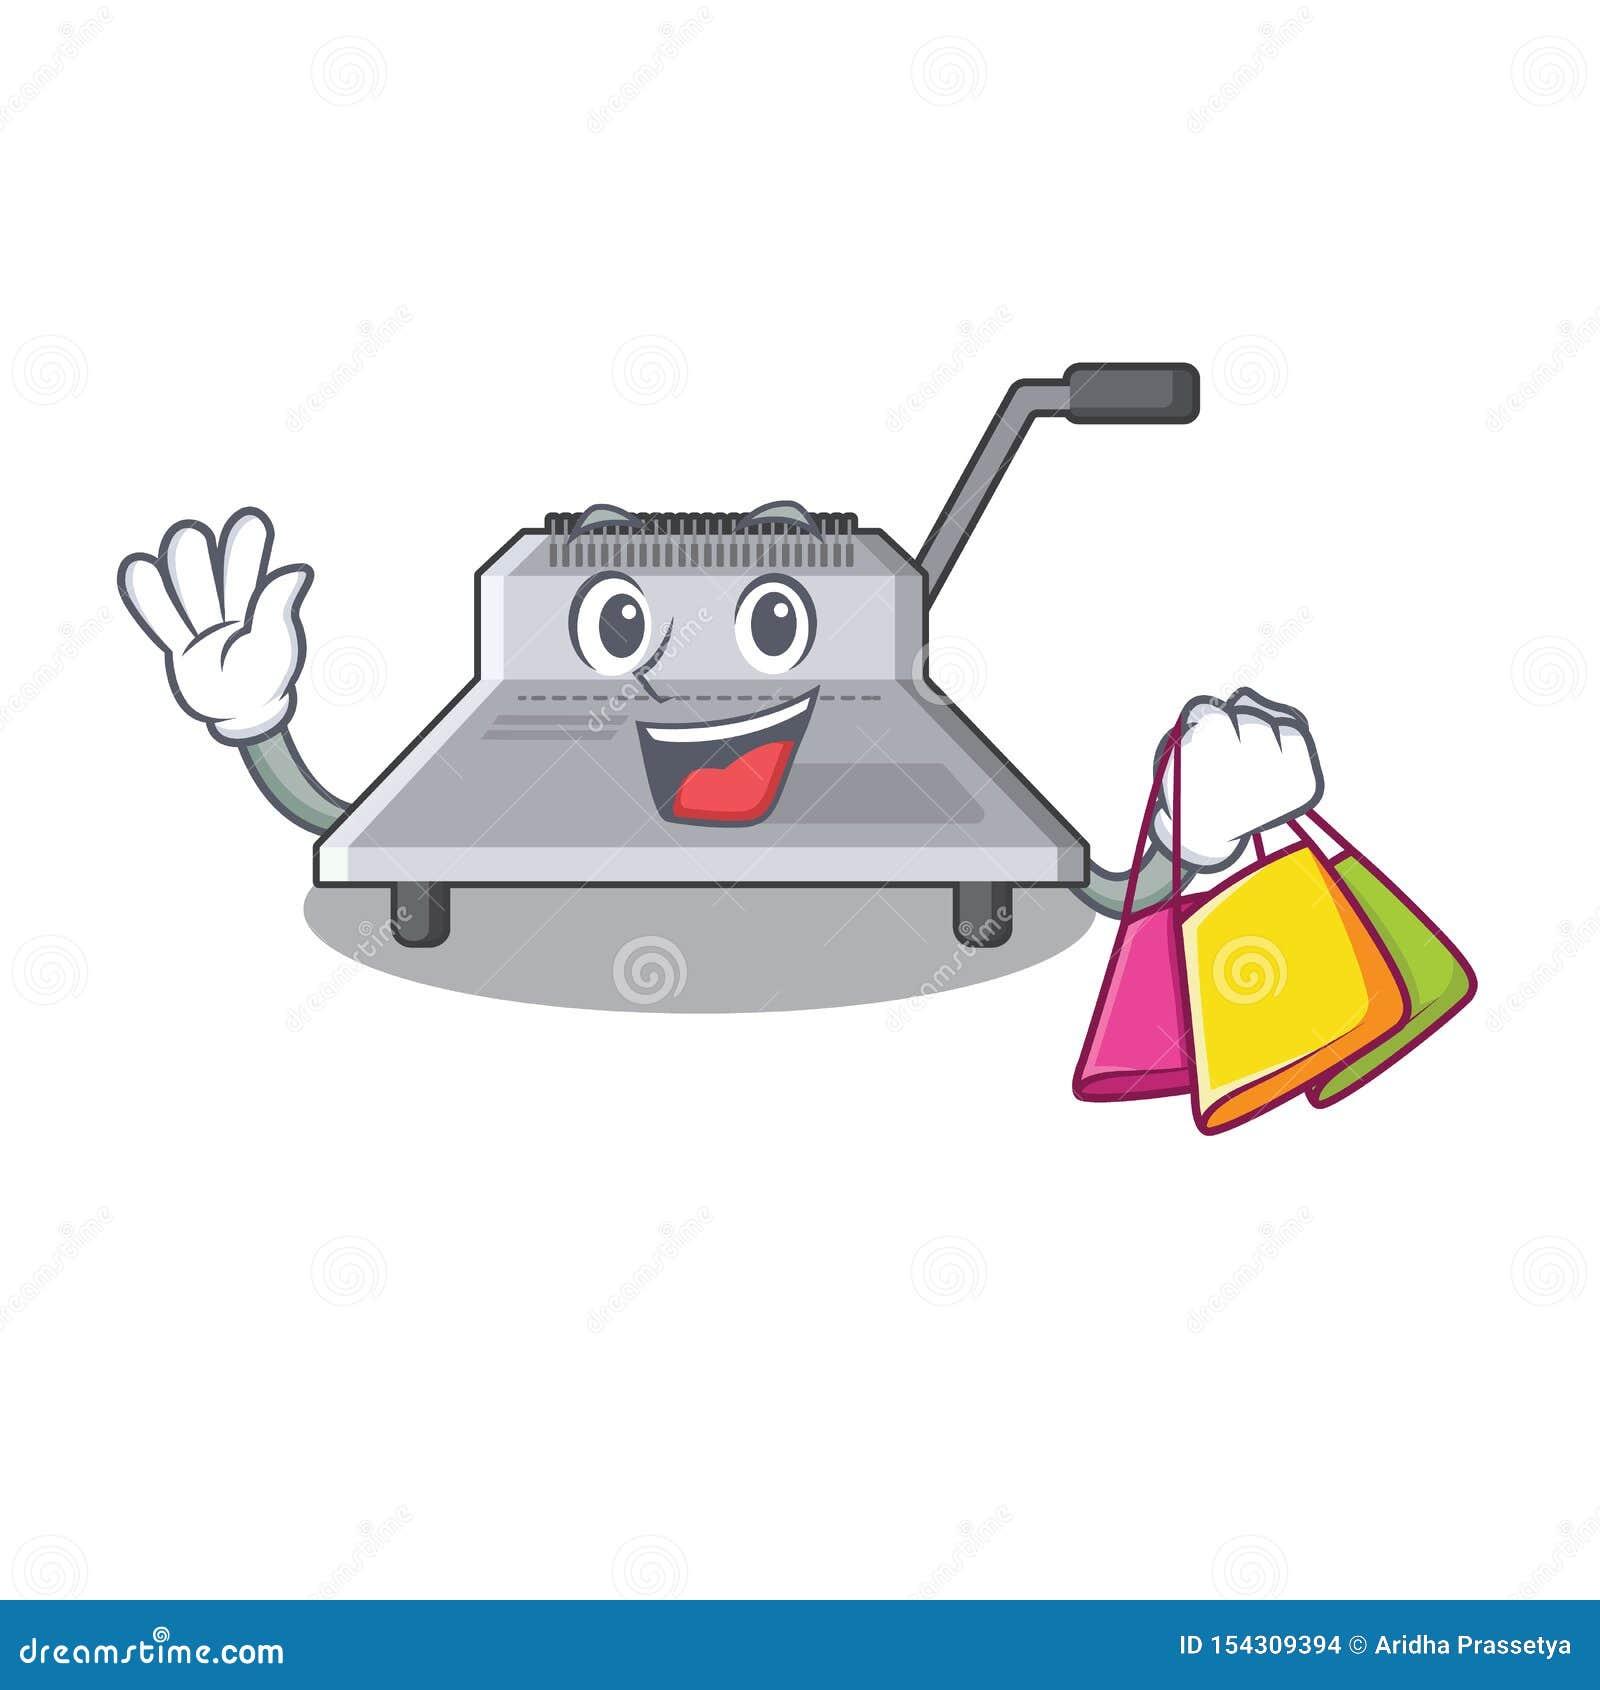 Shopping binding machine in the cartoon shape